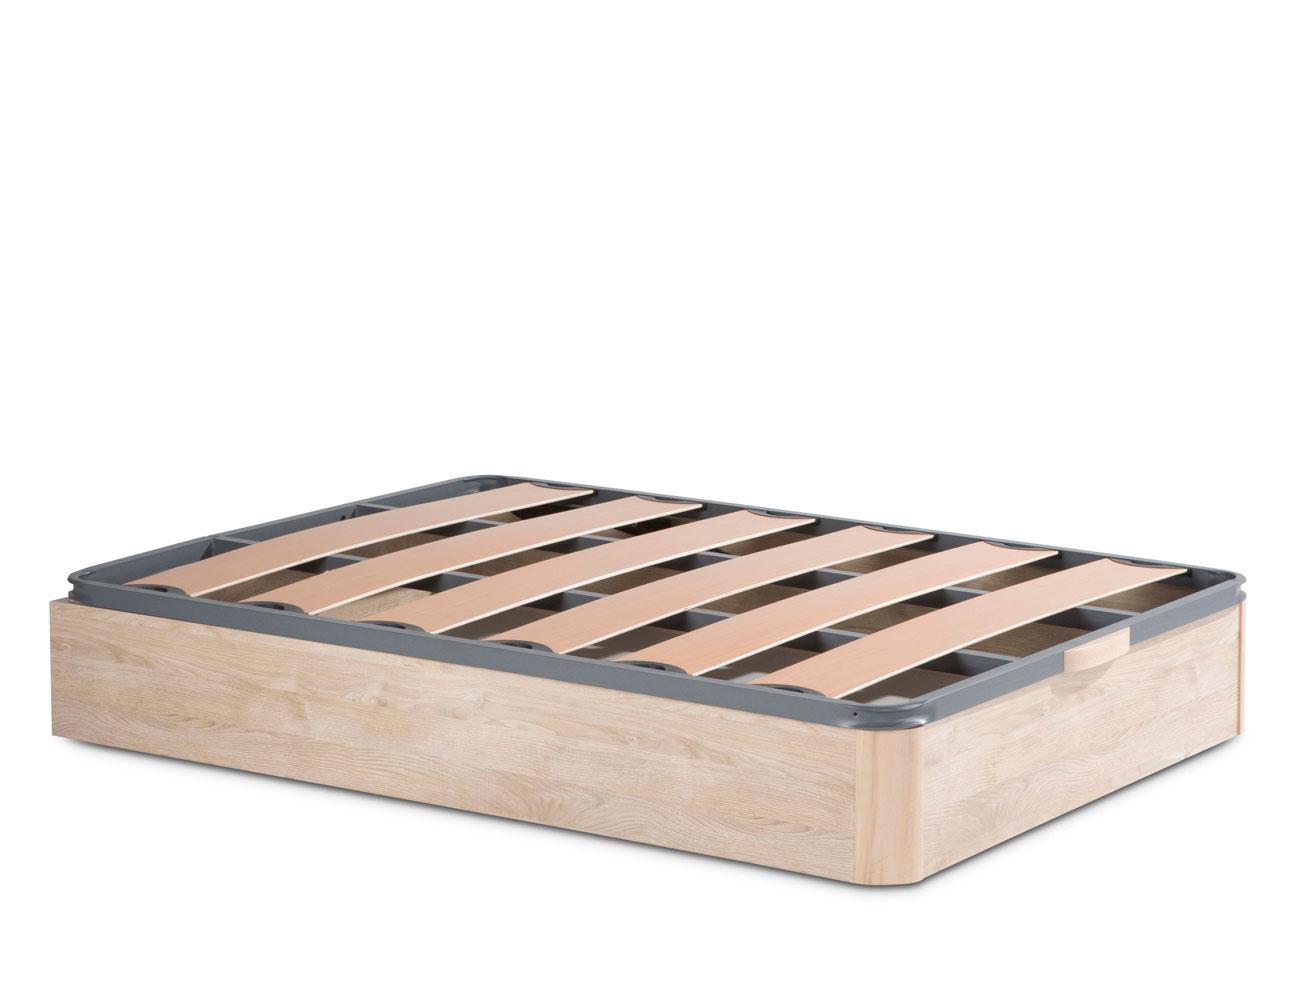 Canape madera somier laminas pvc 7819